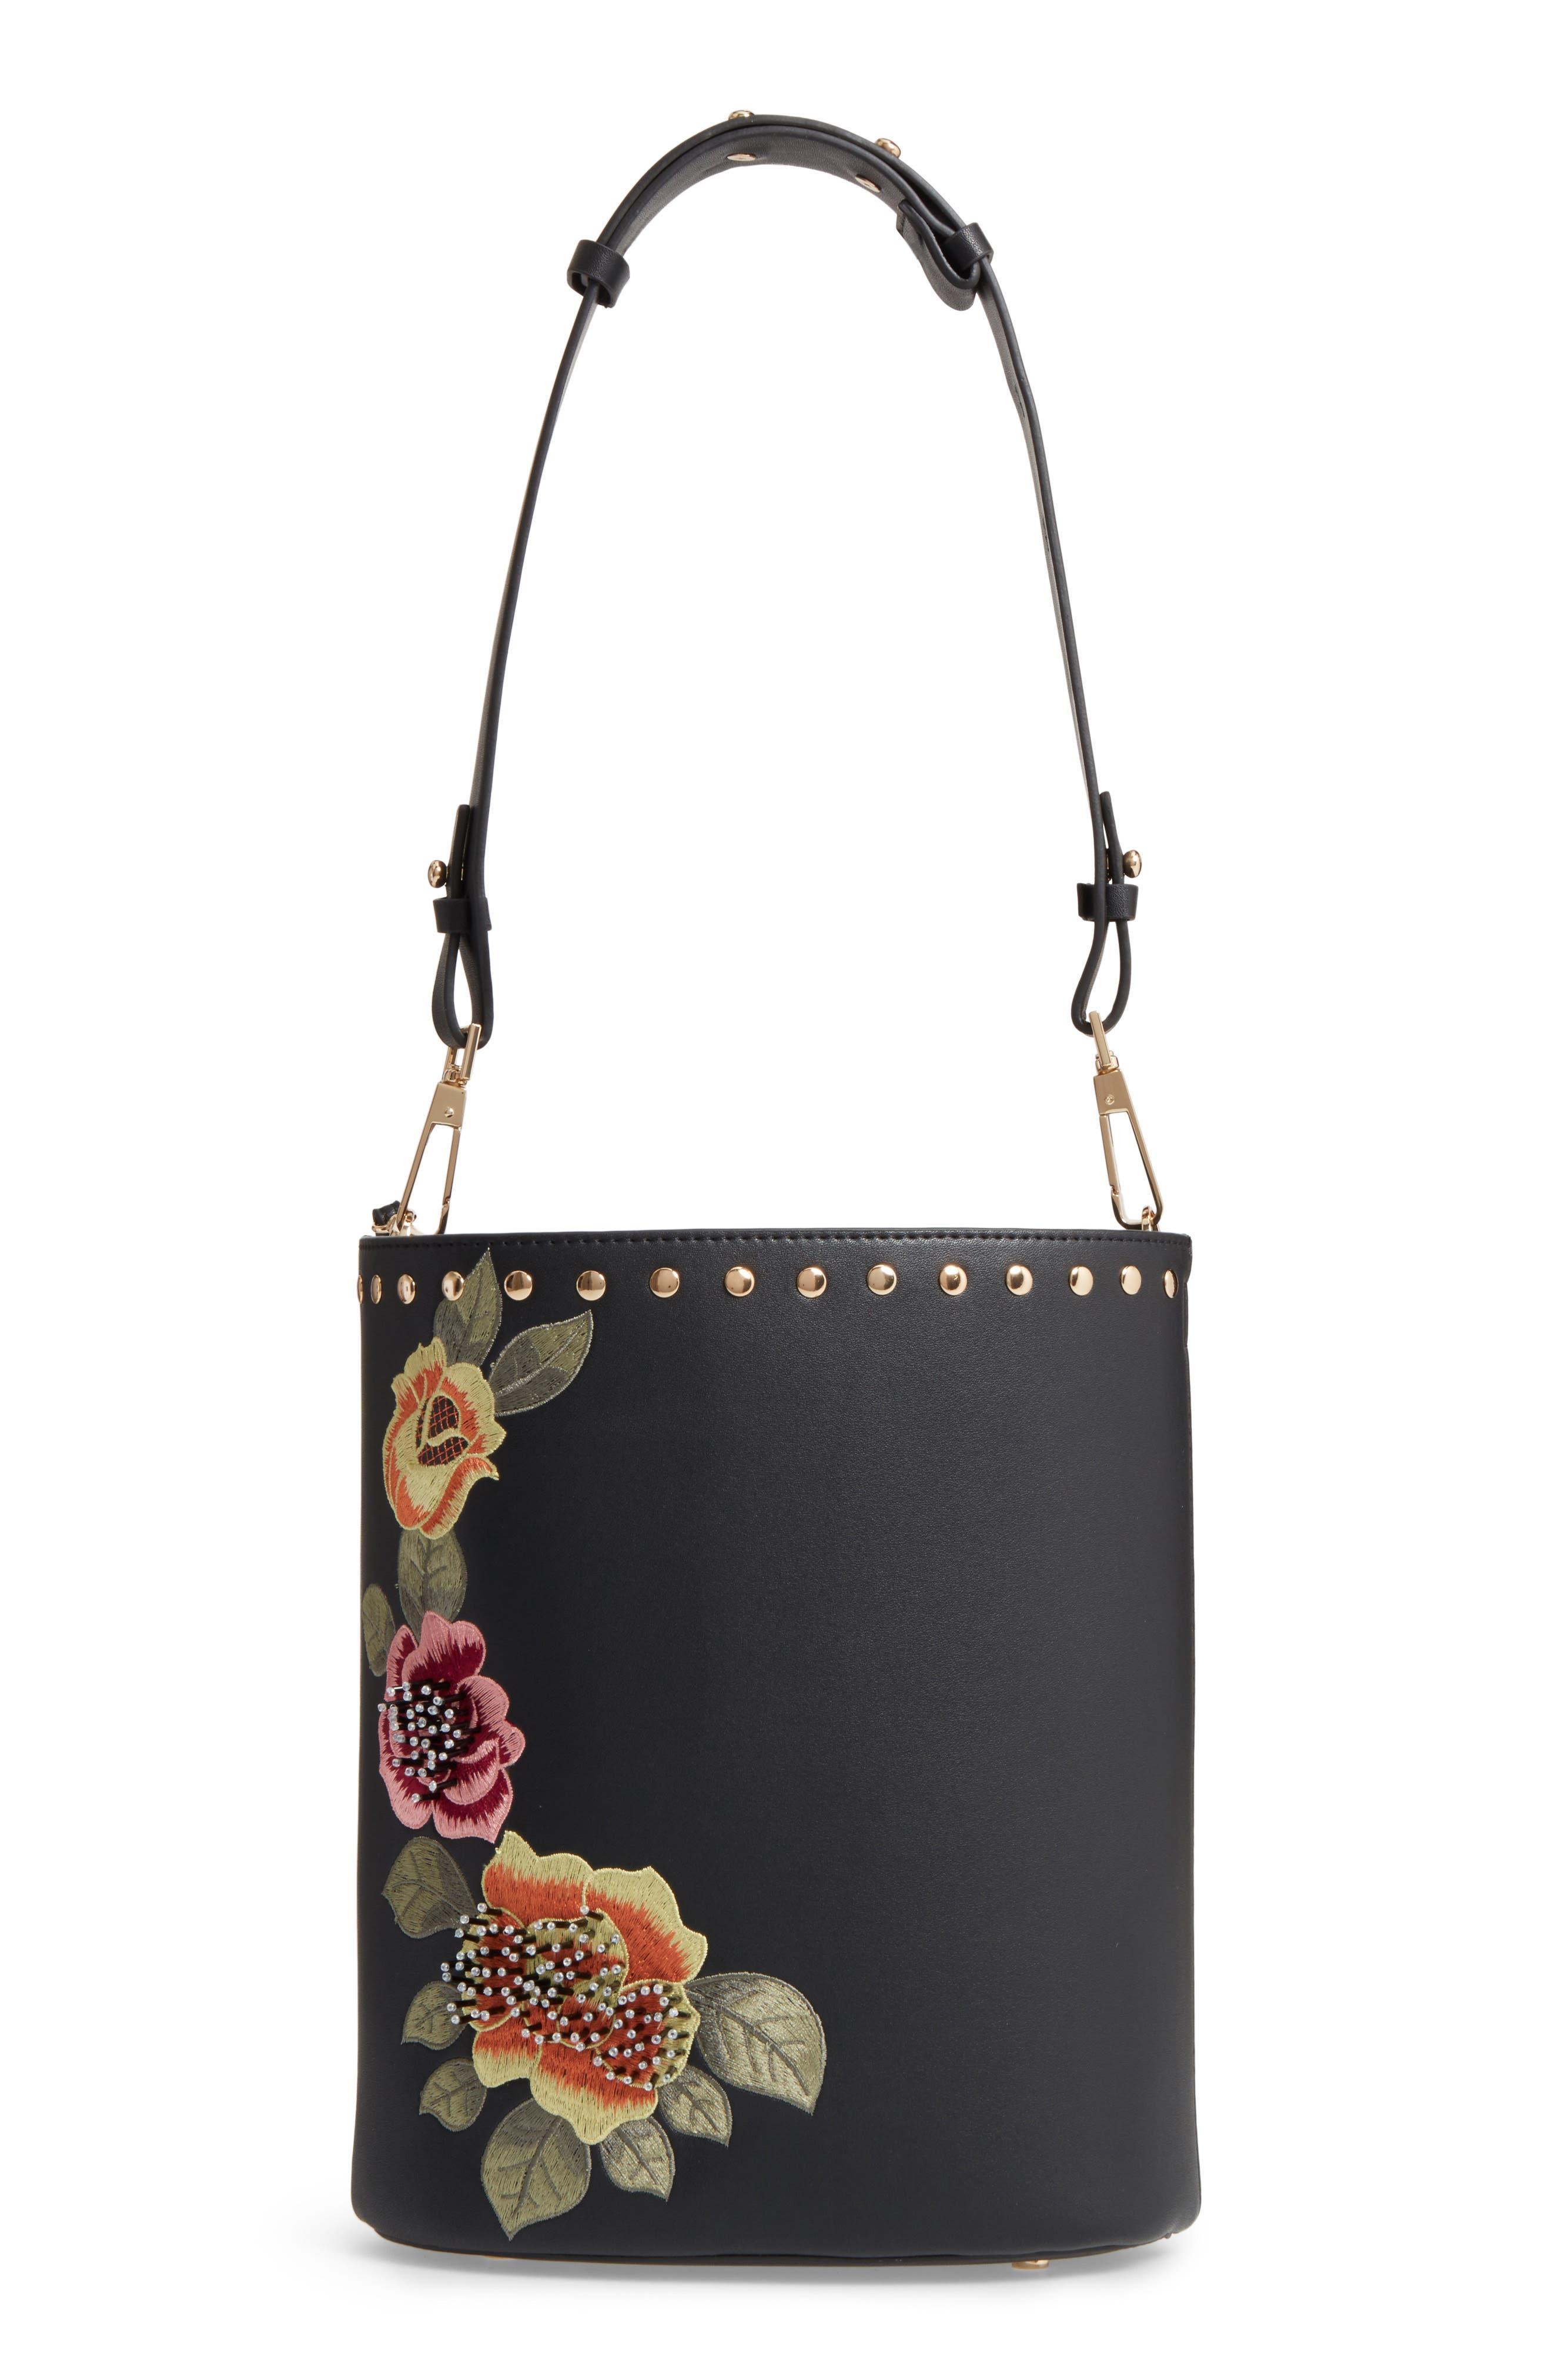 TOPSHOP Sadie Floral Faux Leather Bucket Bag